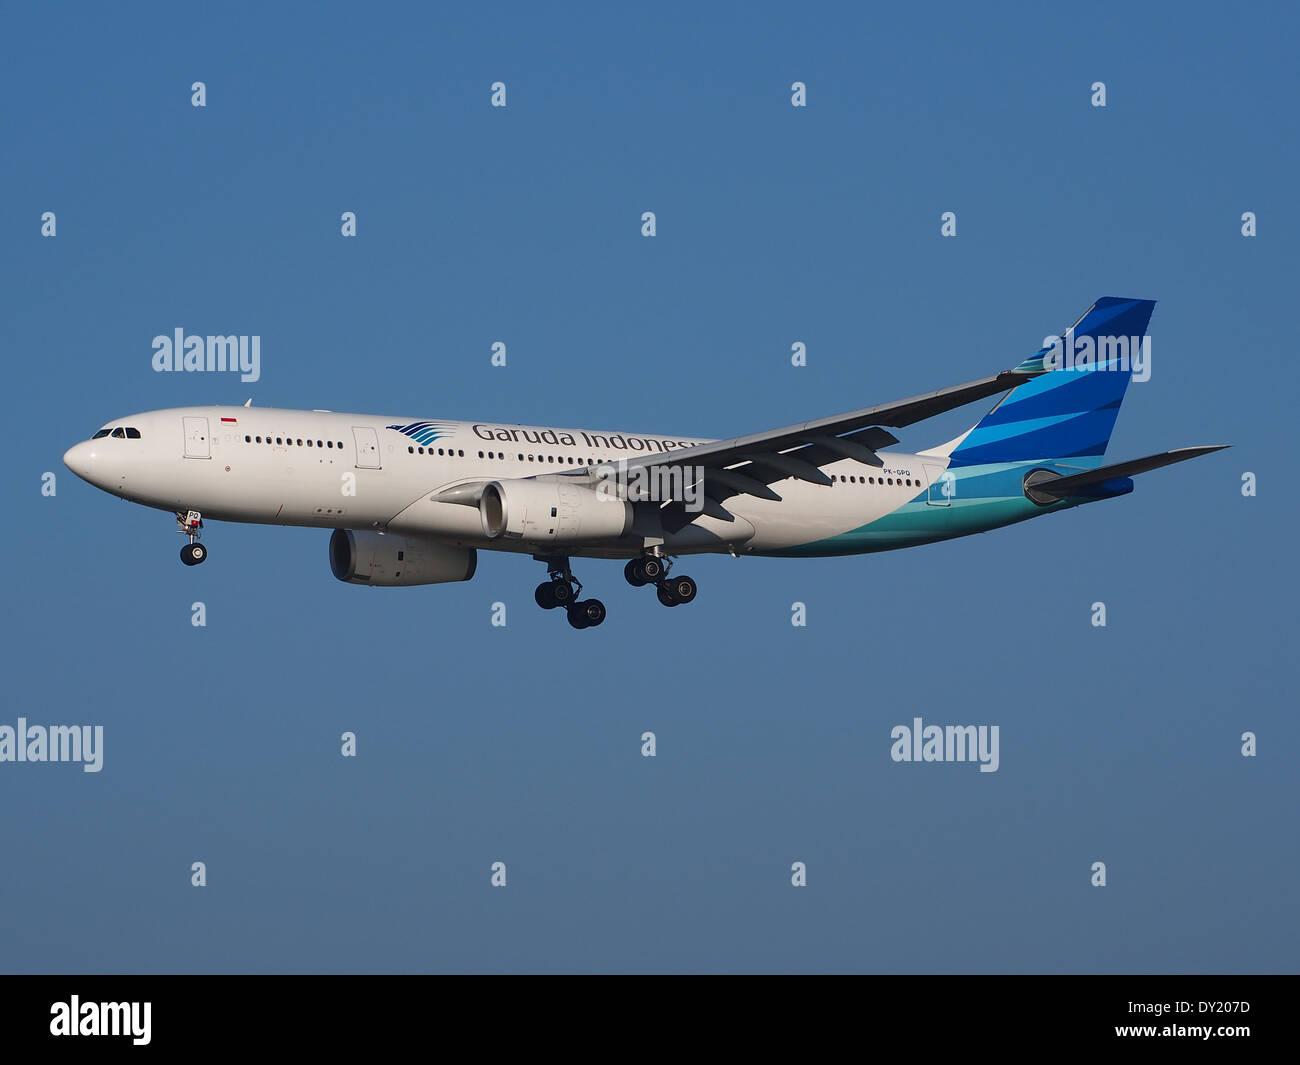 PK-GPQ Garuda Indonesia Airbus A330-243 - cn 1410, landing on Schiphol, pic-2 - Stock Image